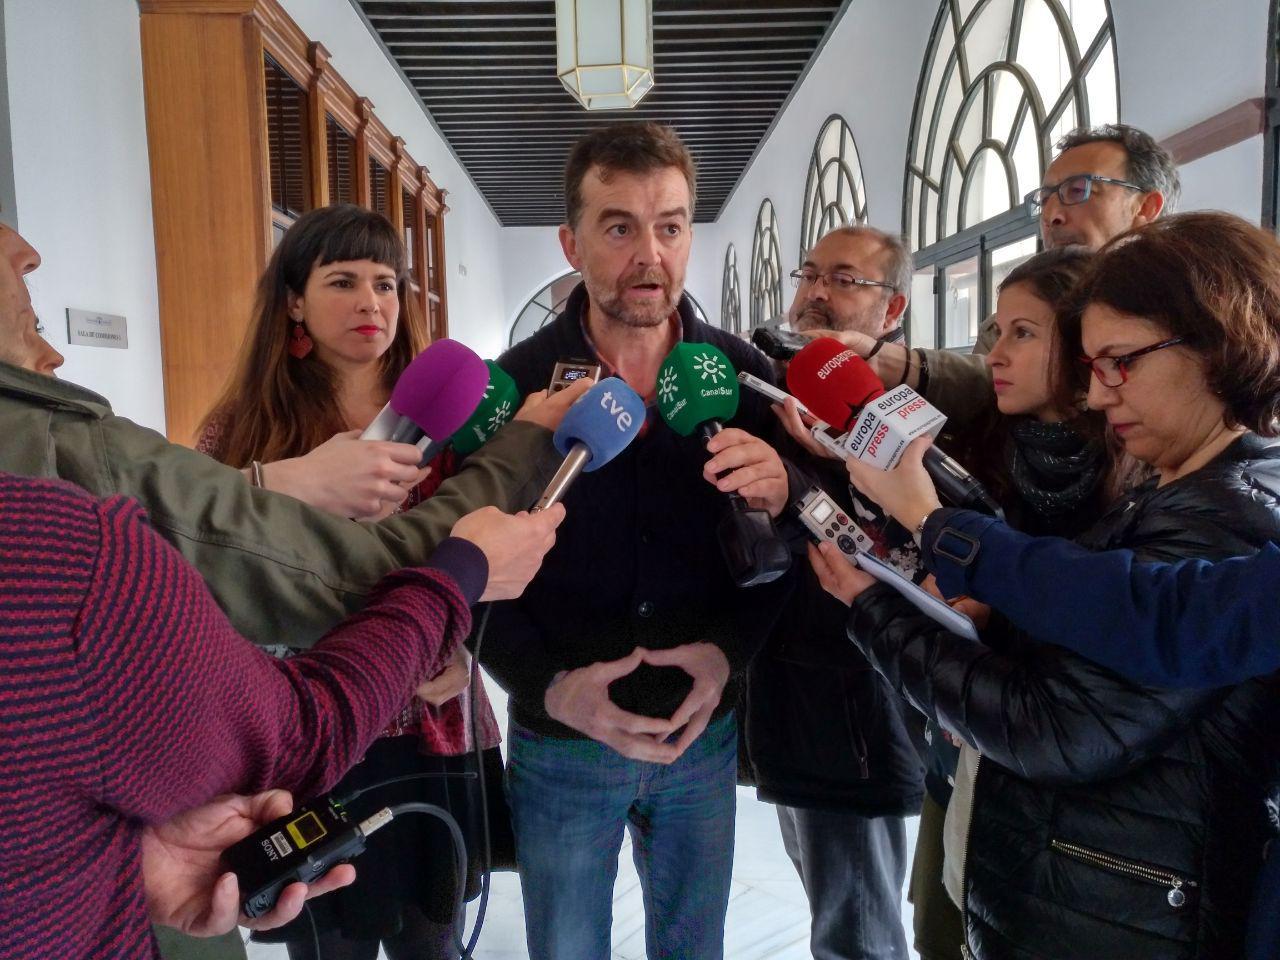 Los sindicatos avalan la PPL de IU y Podemos para blindar el 5% del PIB para educación en Andalucía